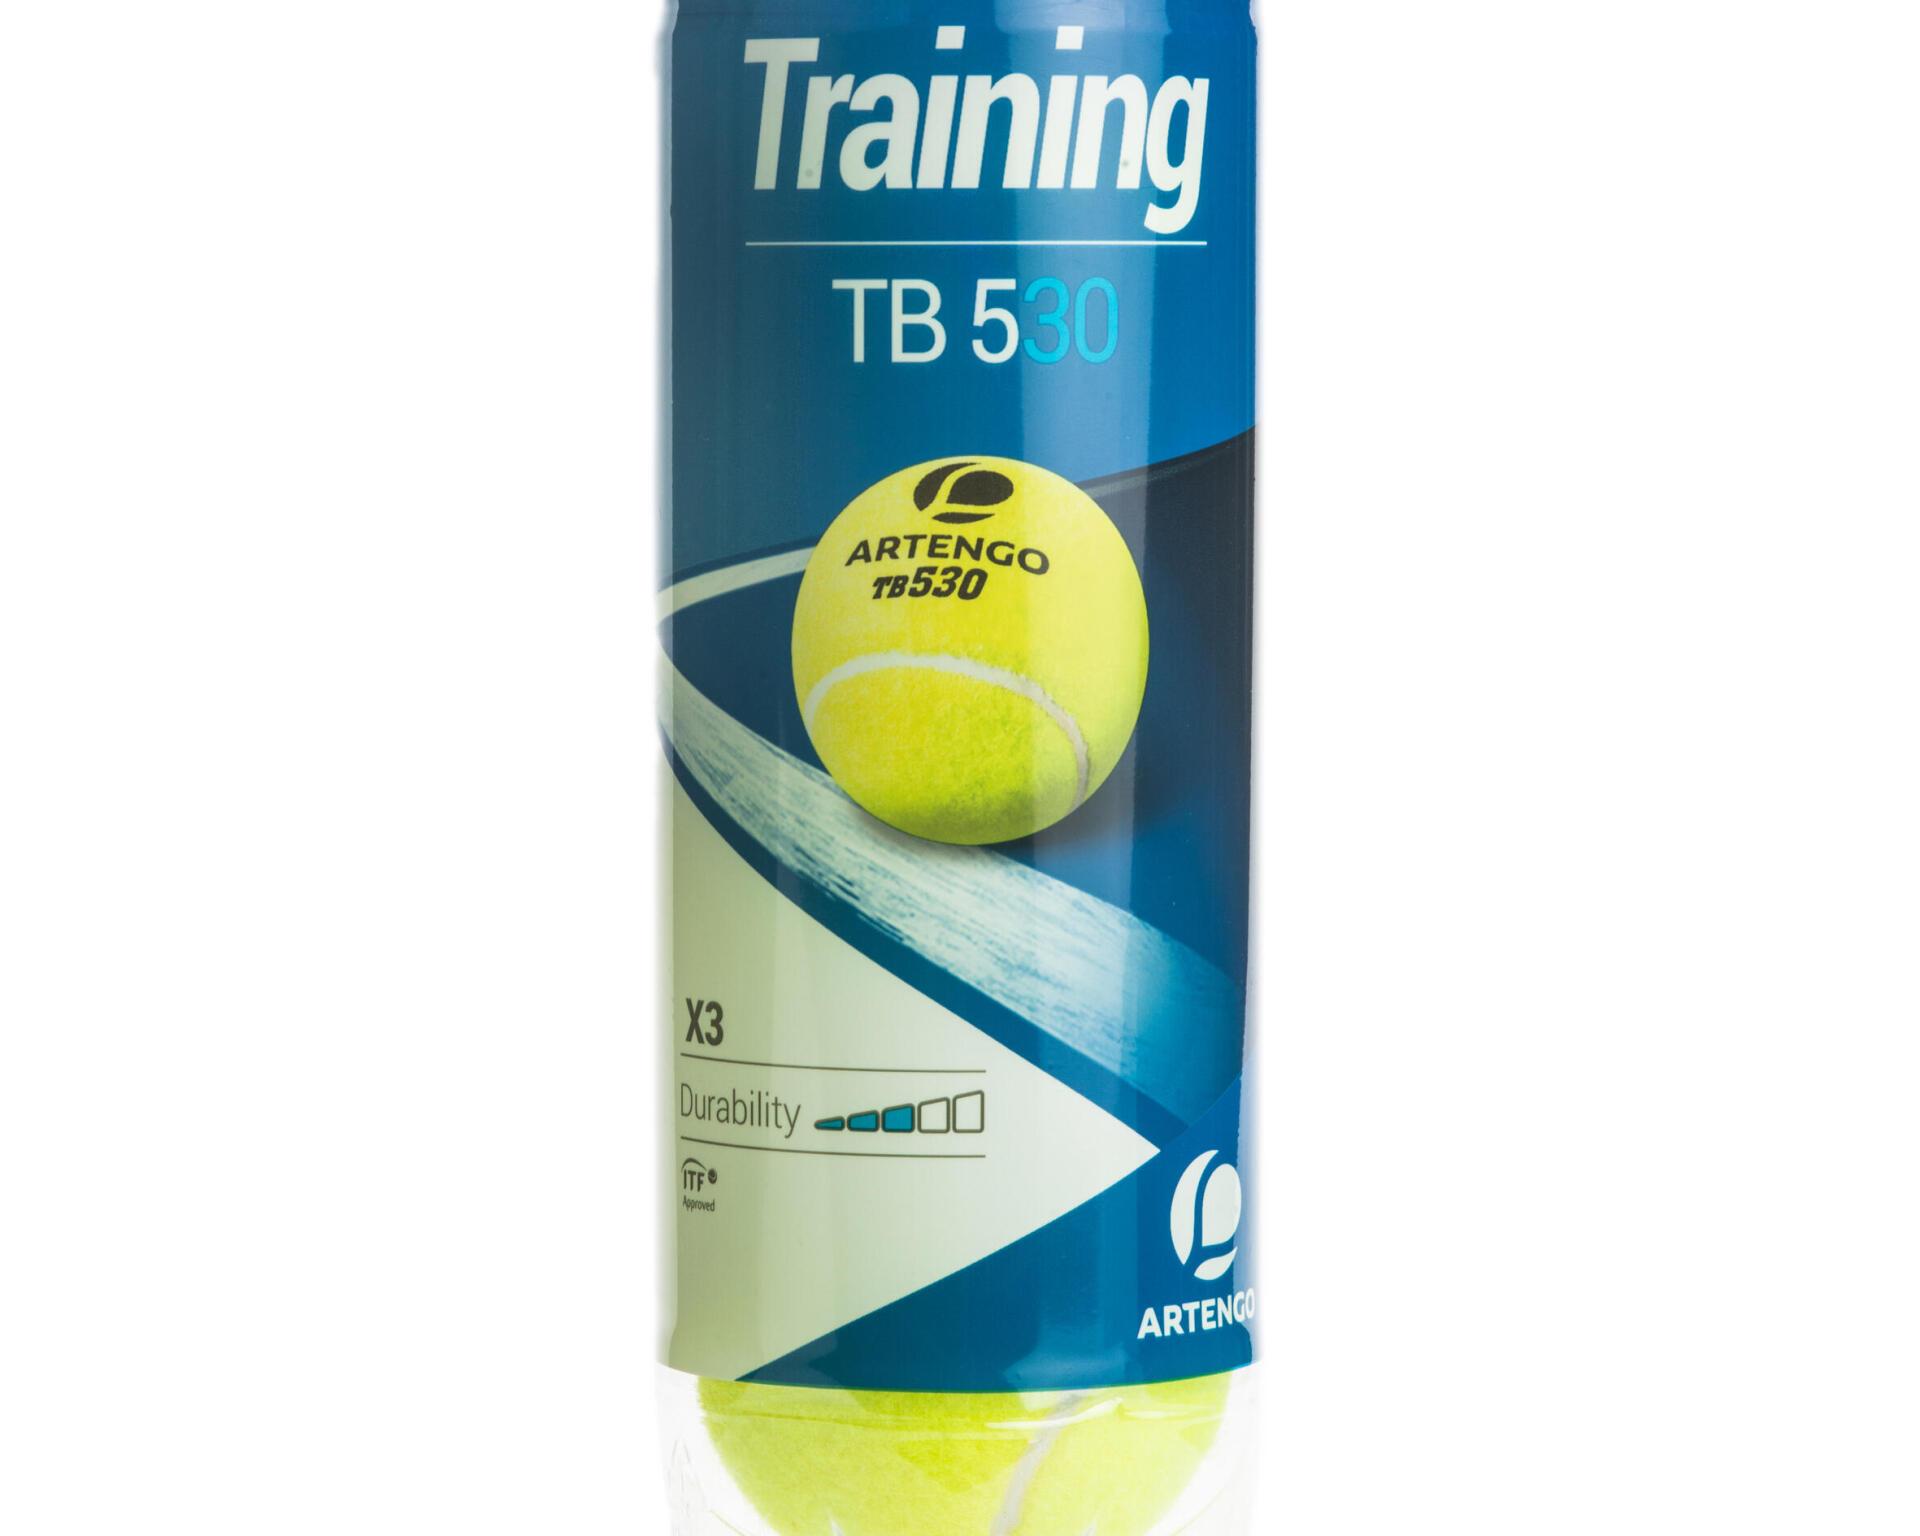 tb530_pressurised tennis ball